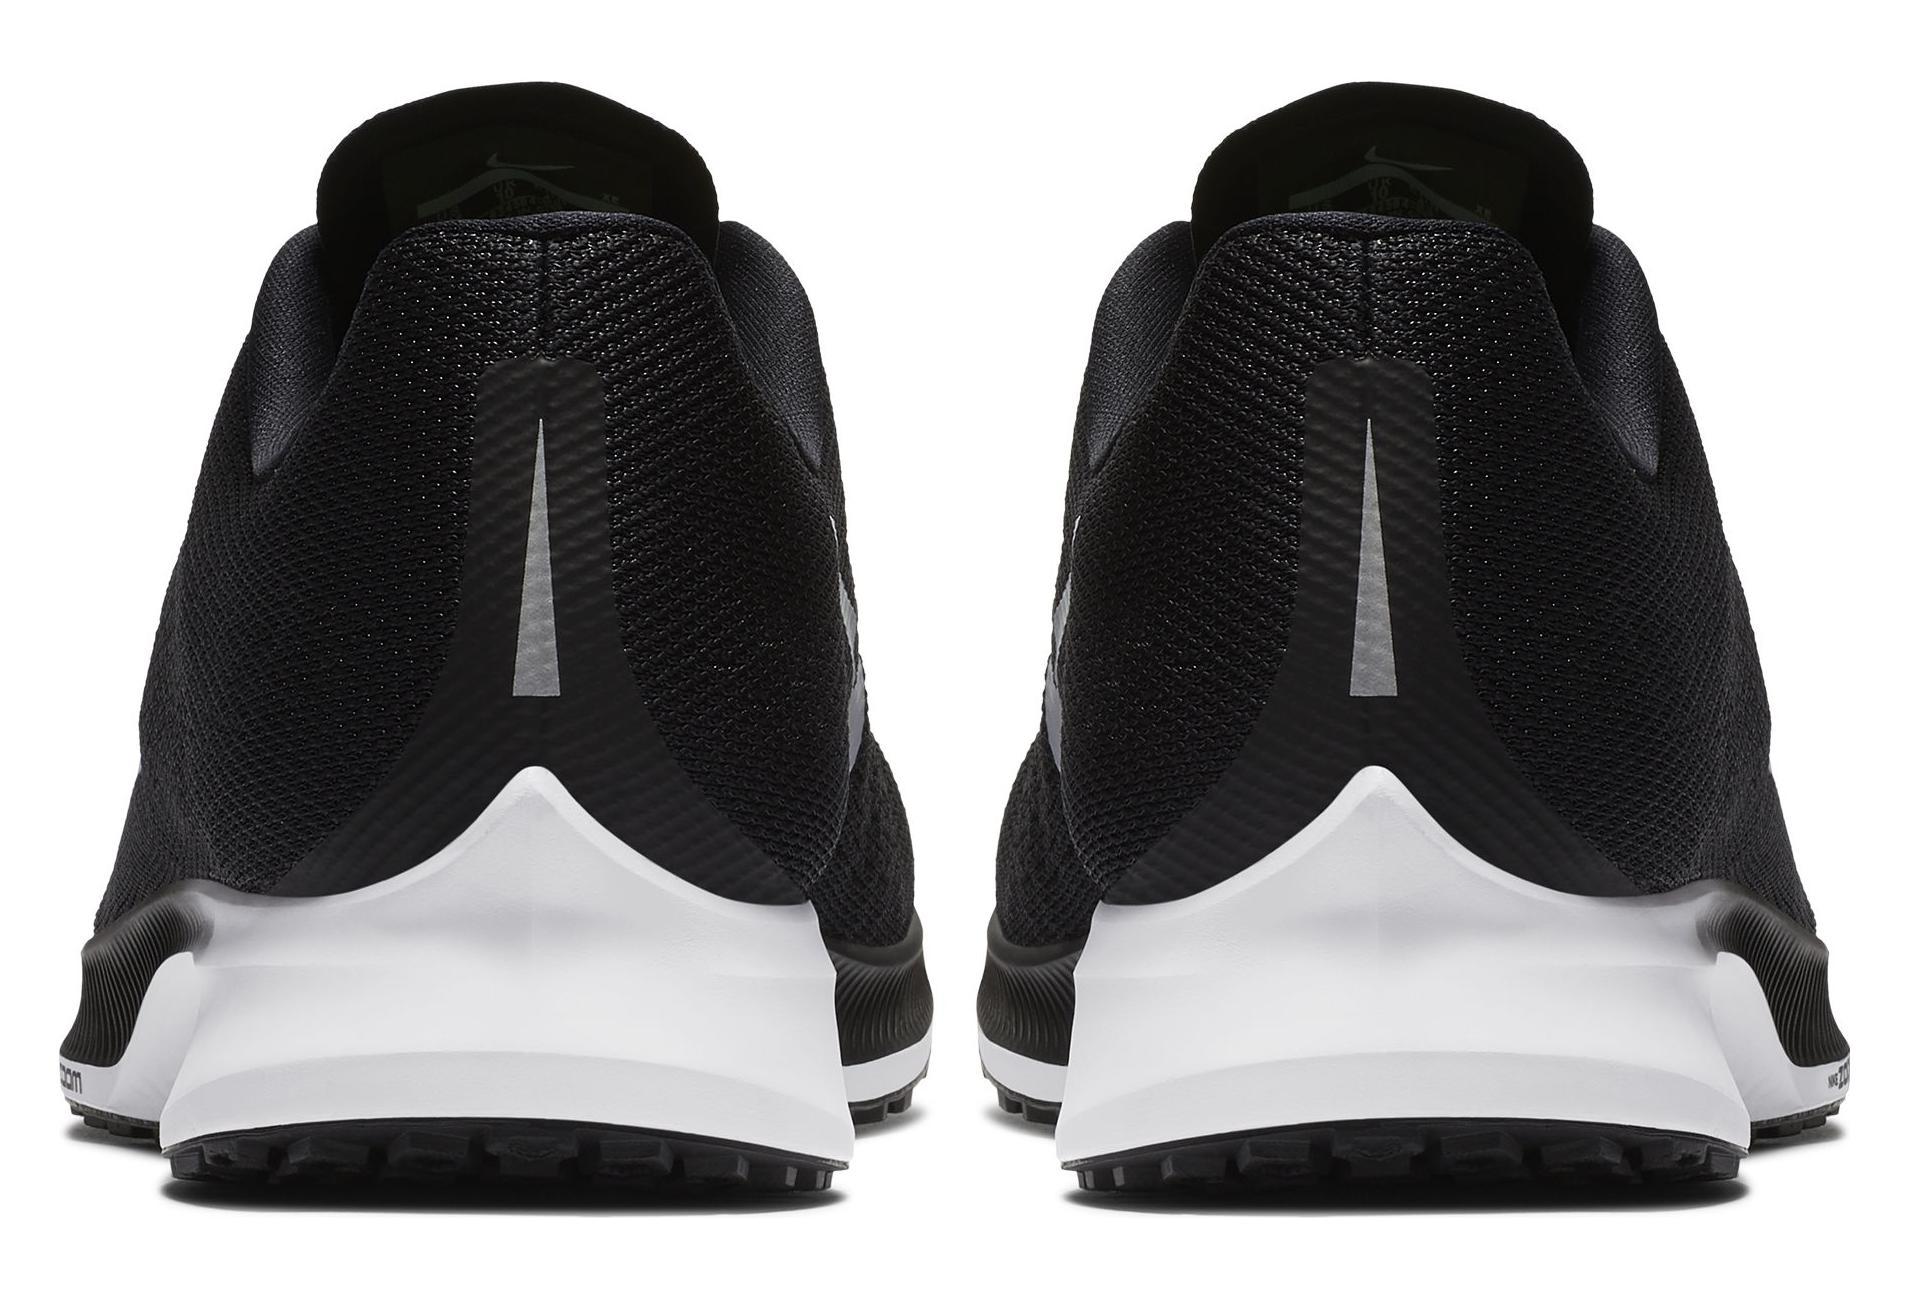 Nike Shoes Air Zoom Elite 10 Black White Men  5e6b0c4cc09d7